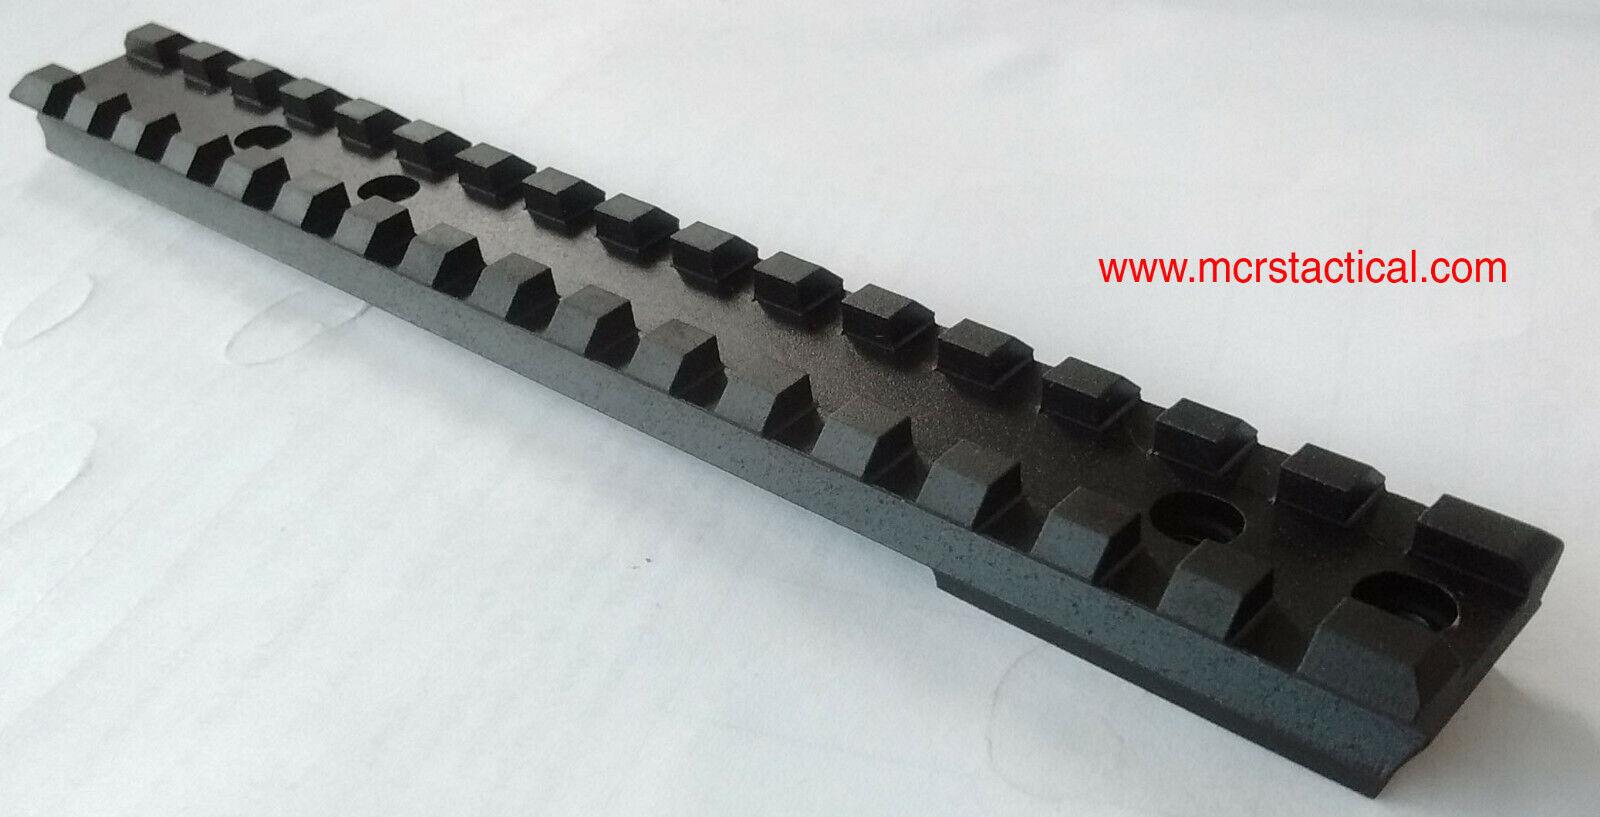 Carril Picatinny-Remington 7 SA de acción corta (0 a 70 Moa Mil)